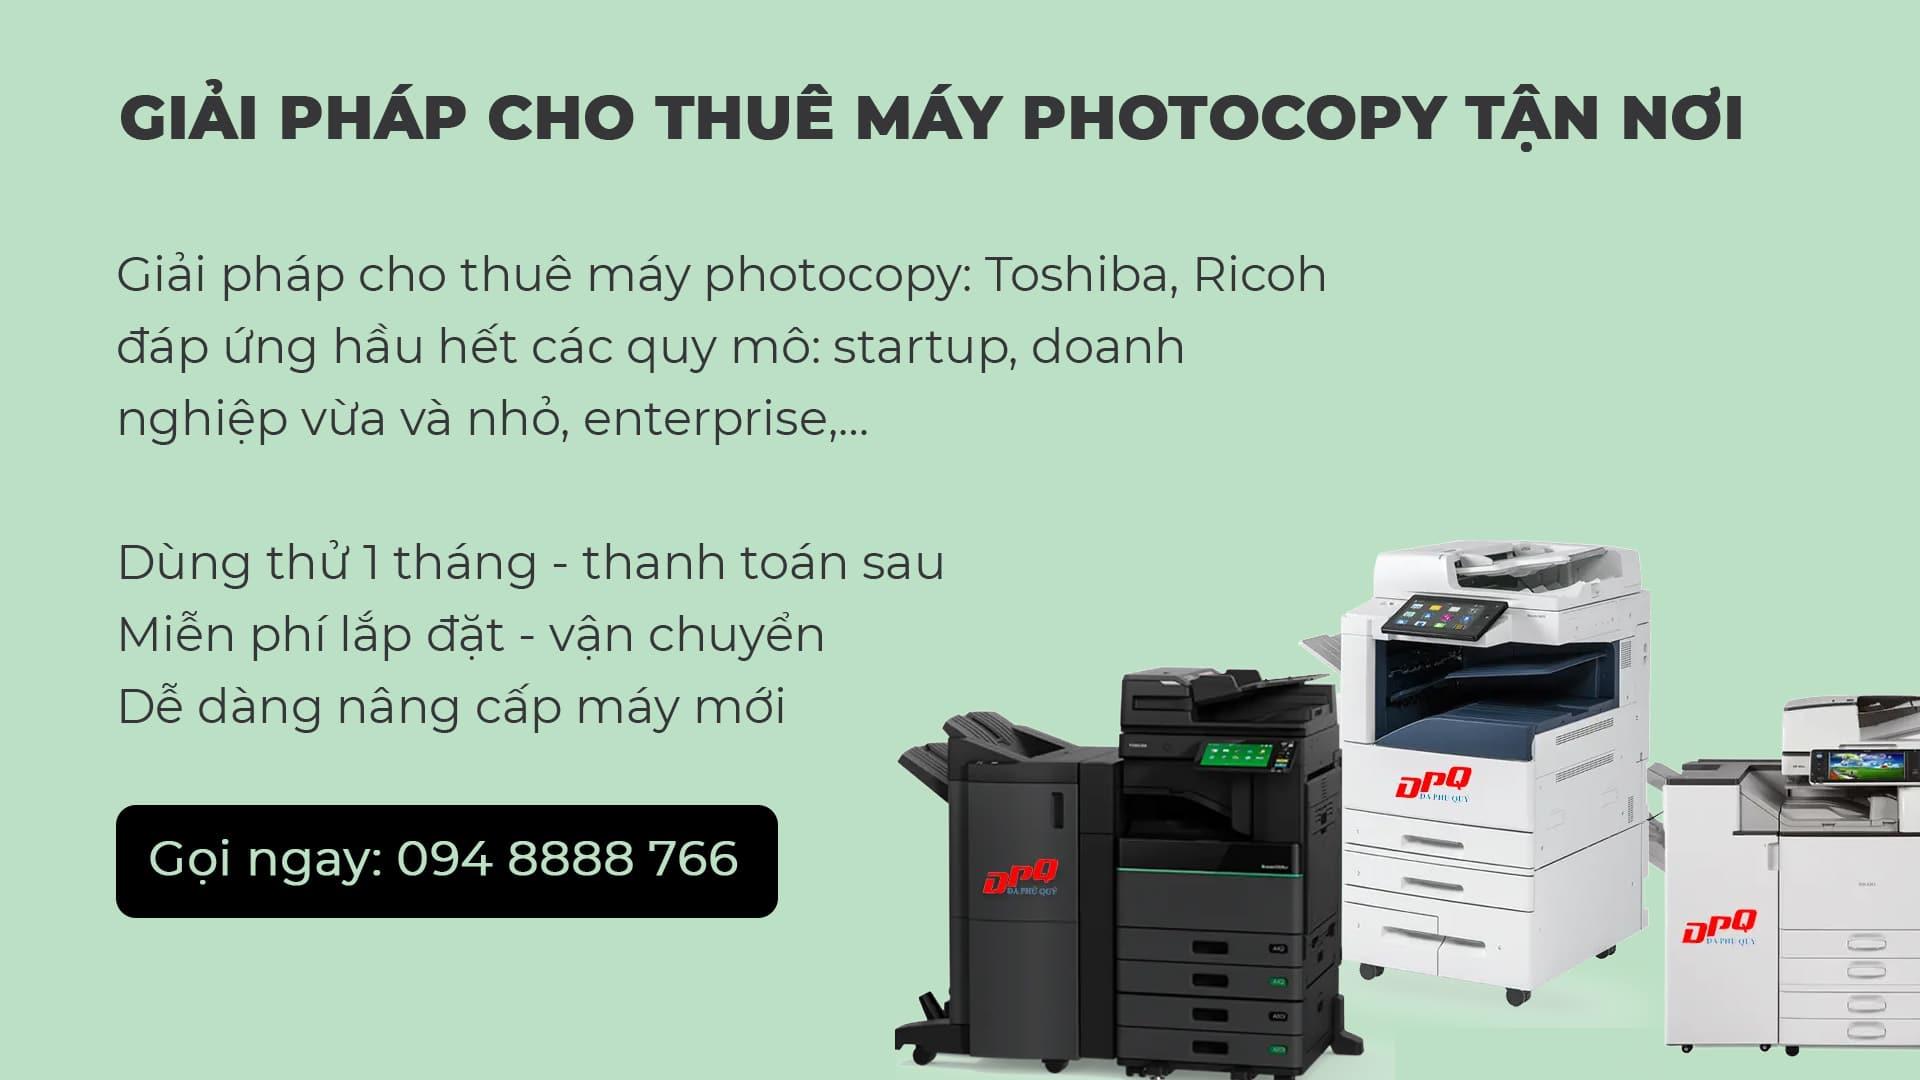 Công ty cho thuê máy photocopy uy tín - Đa Phú Quý